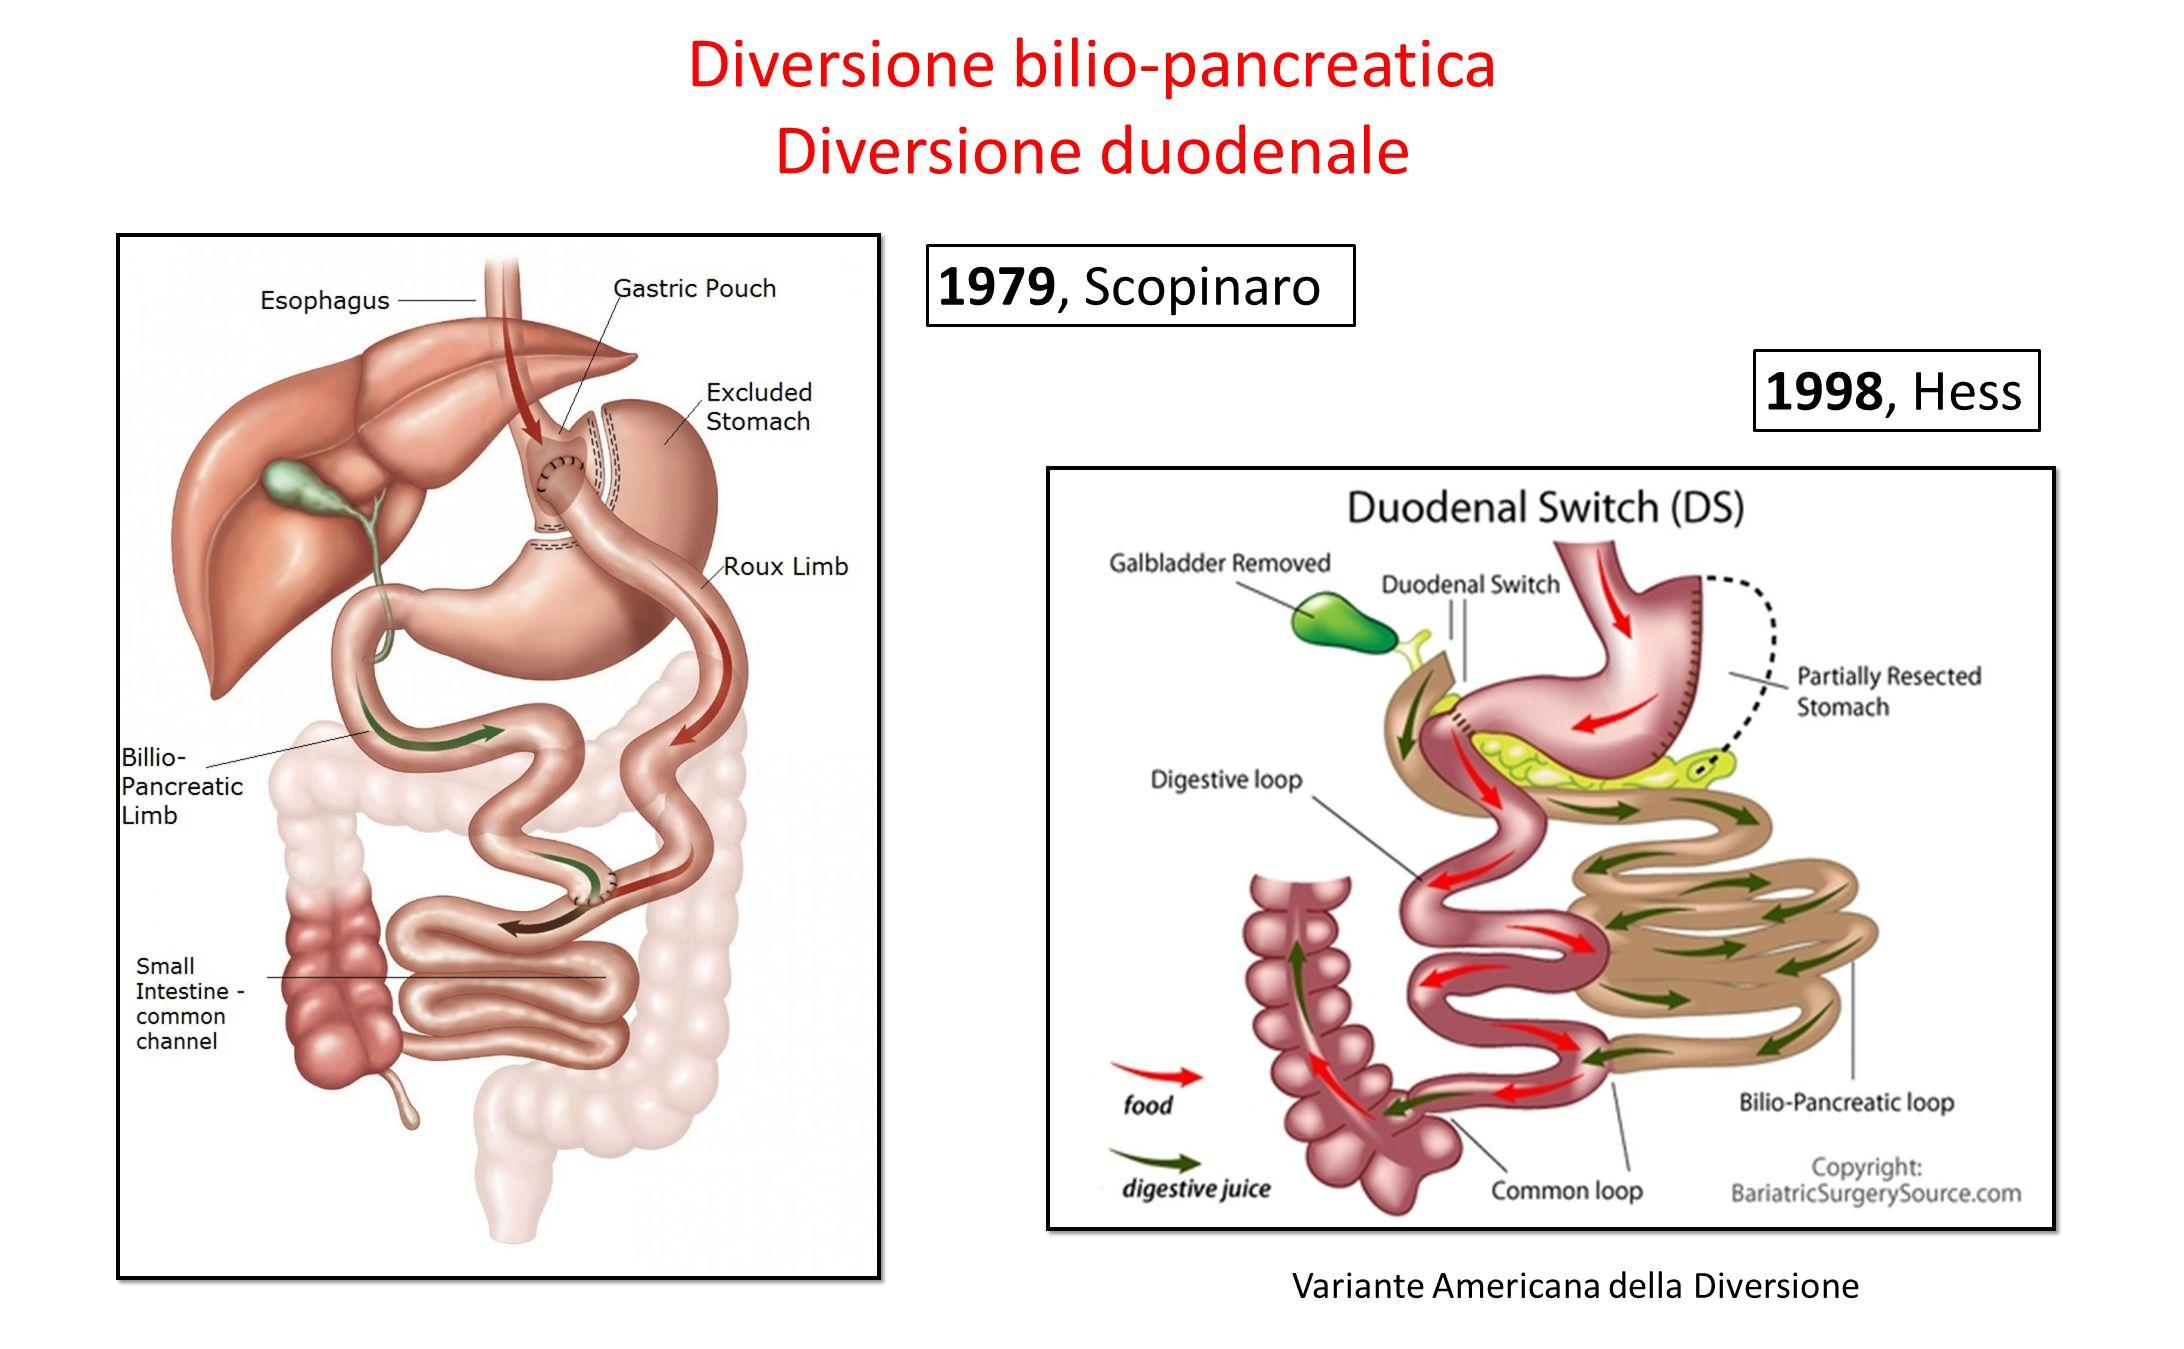 Diversione bilio-pancreatica Diversione duodenale